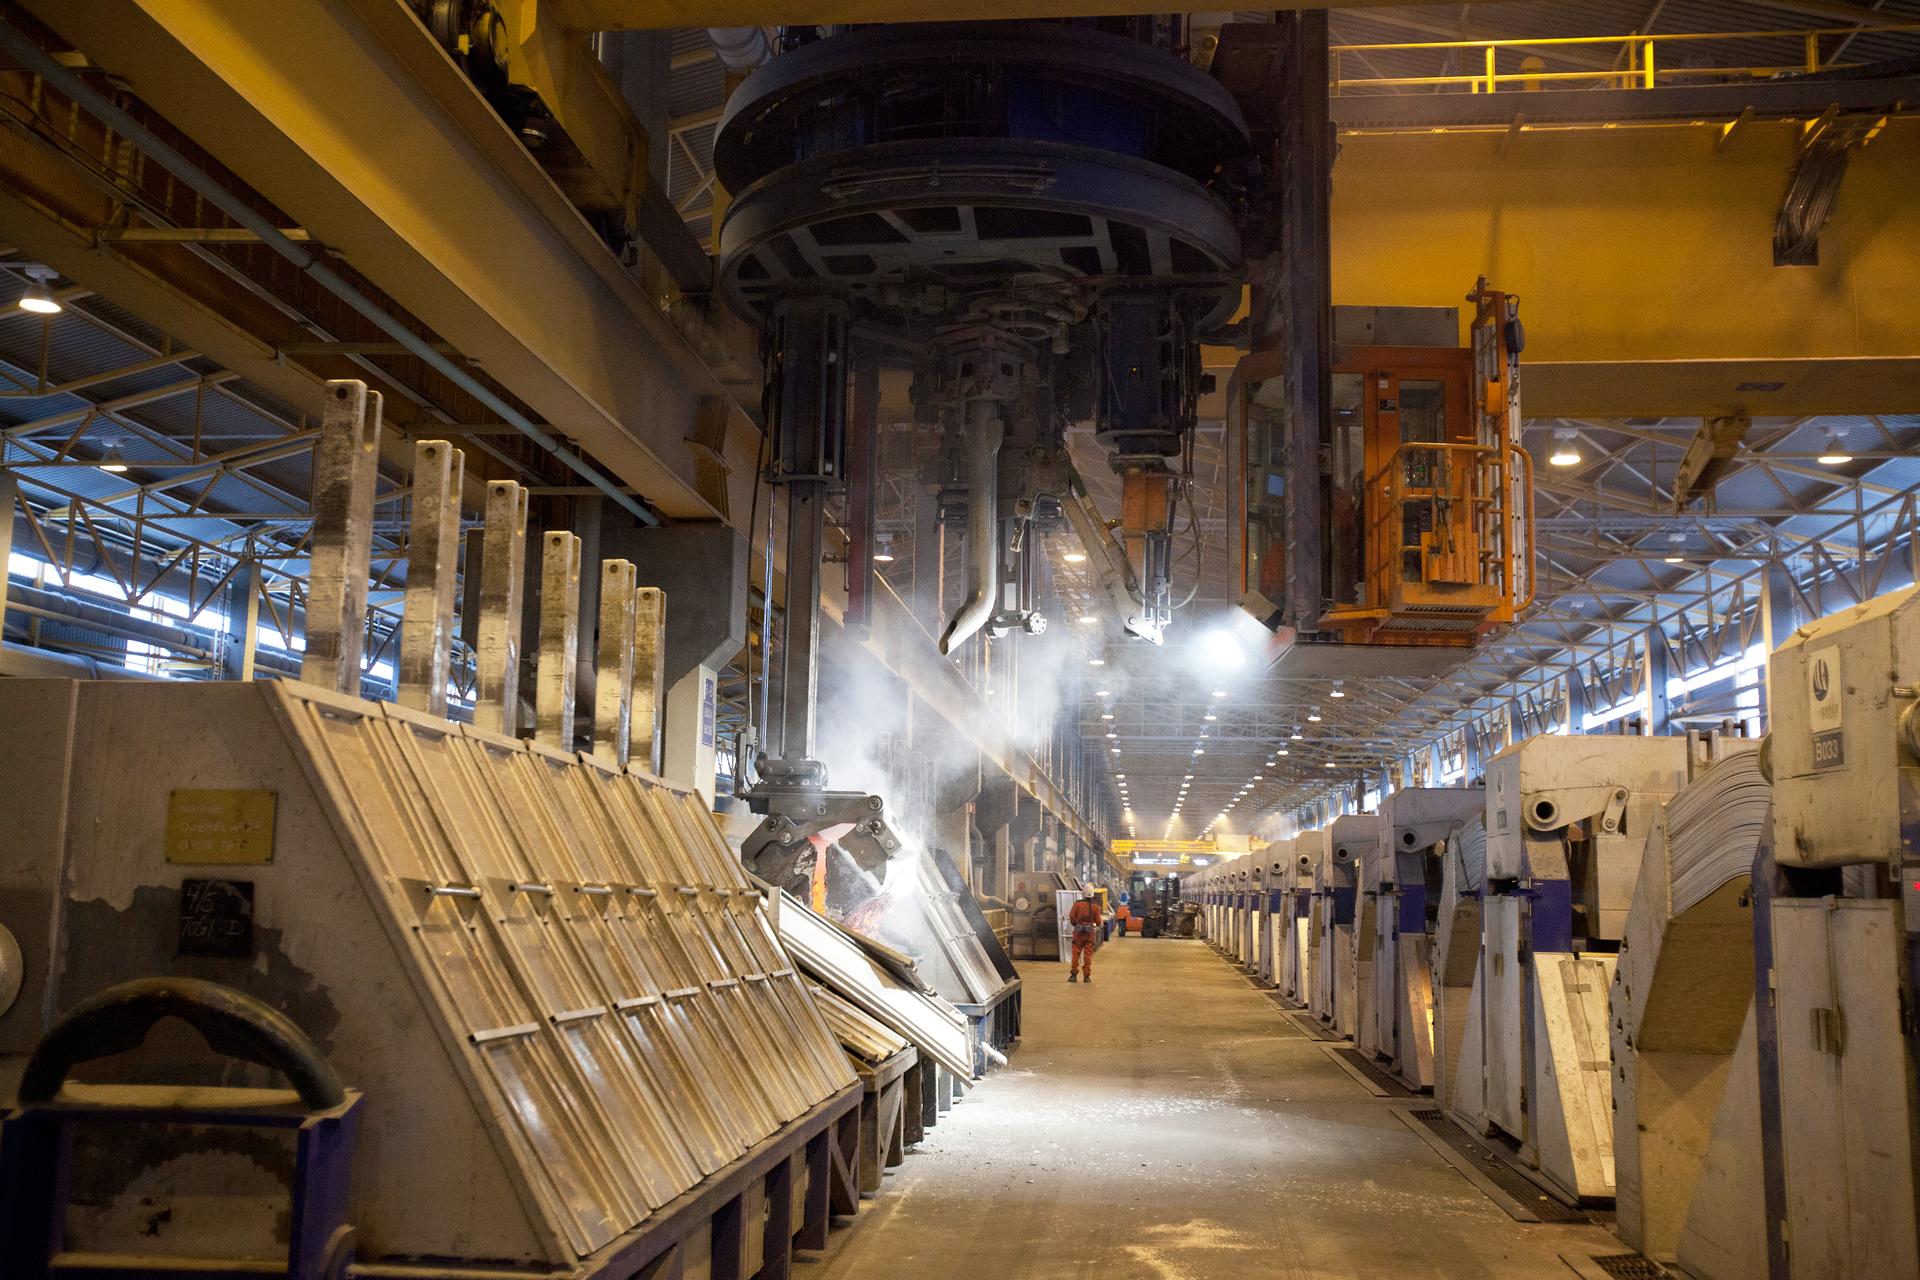 Zdjęcie elektrolizera, wielkiego urządzenia fabrycznego, wktórym prowadzona jest elektroliza tlenku glinu na skalę przemysłową.